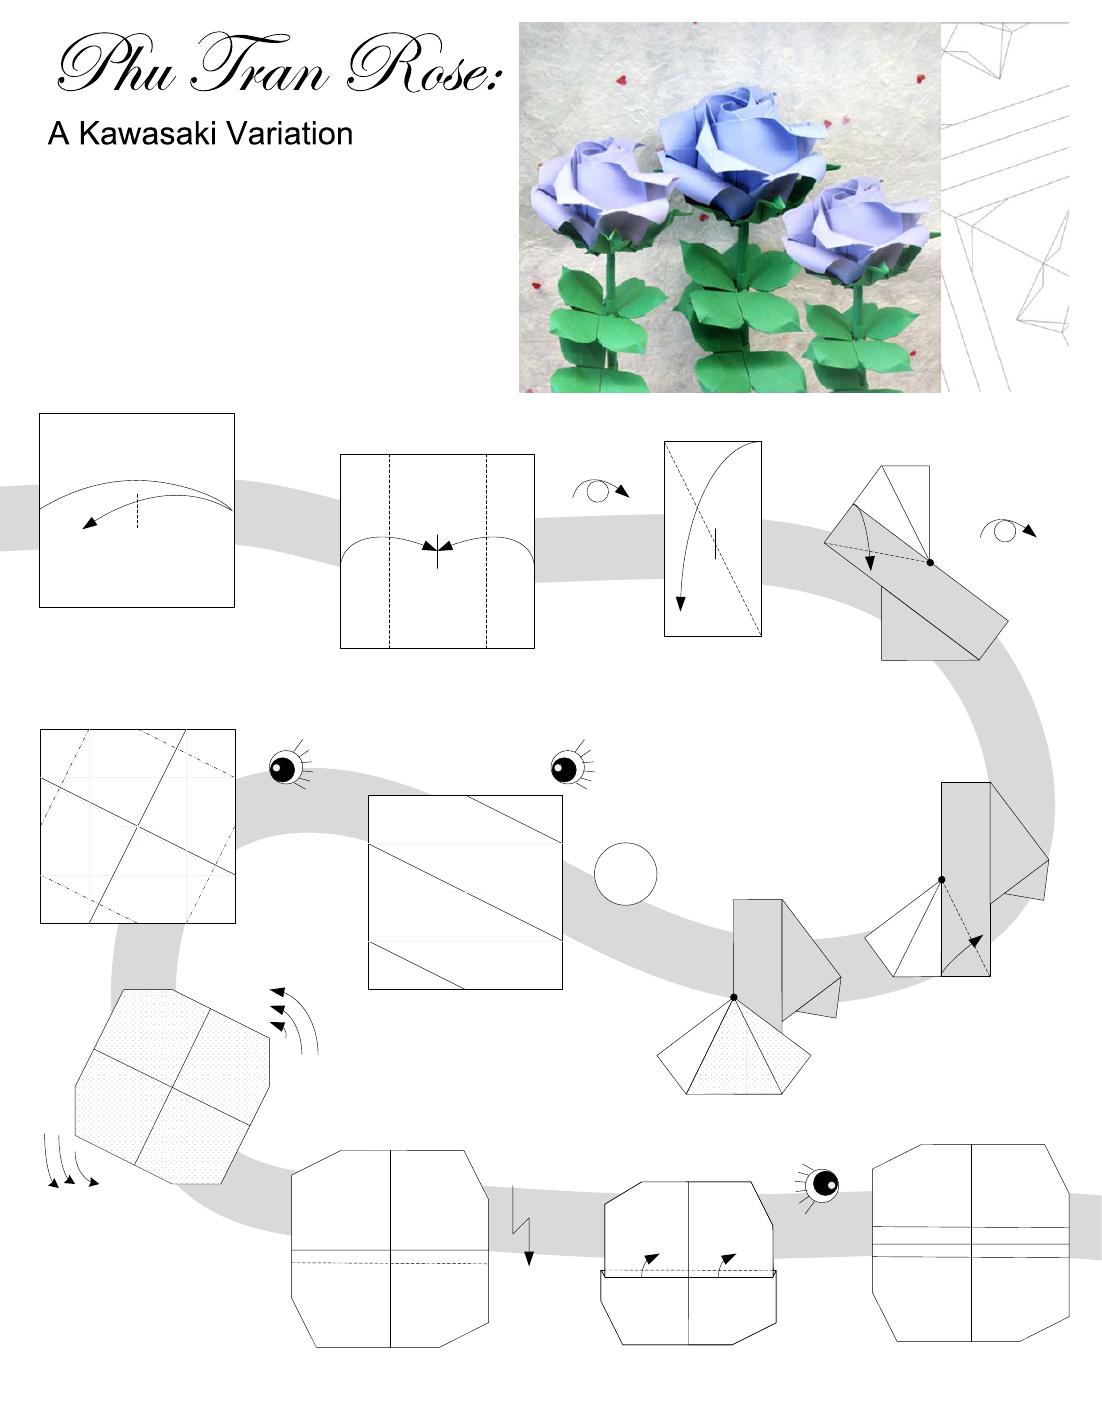 origami rose diagram phu tran rose origami roses origami origami kawasaki rose diagrams origami pinterest [ 1102 x 1426 Pixel ]